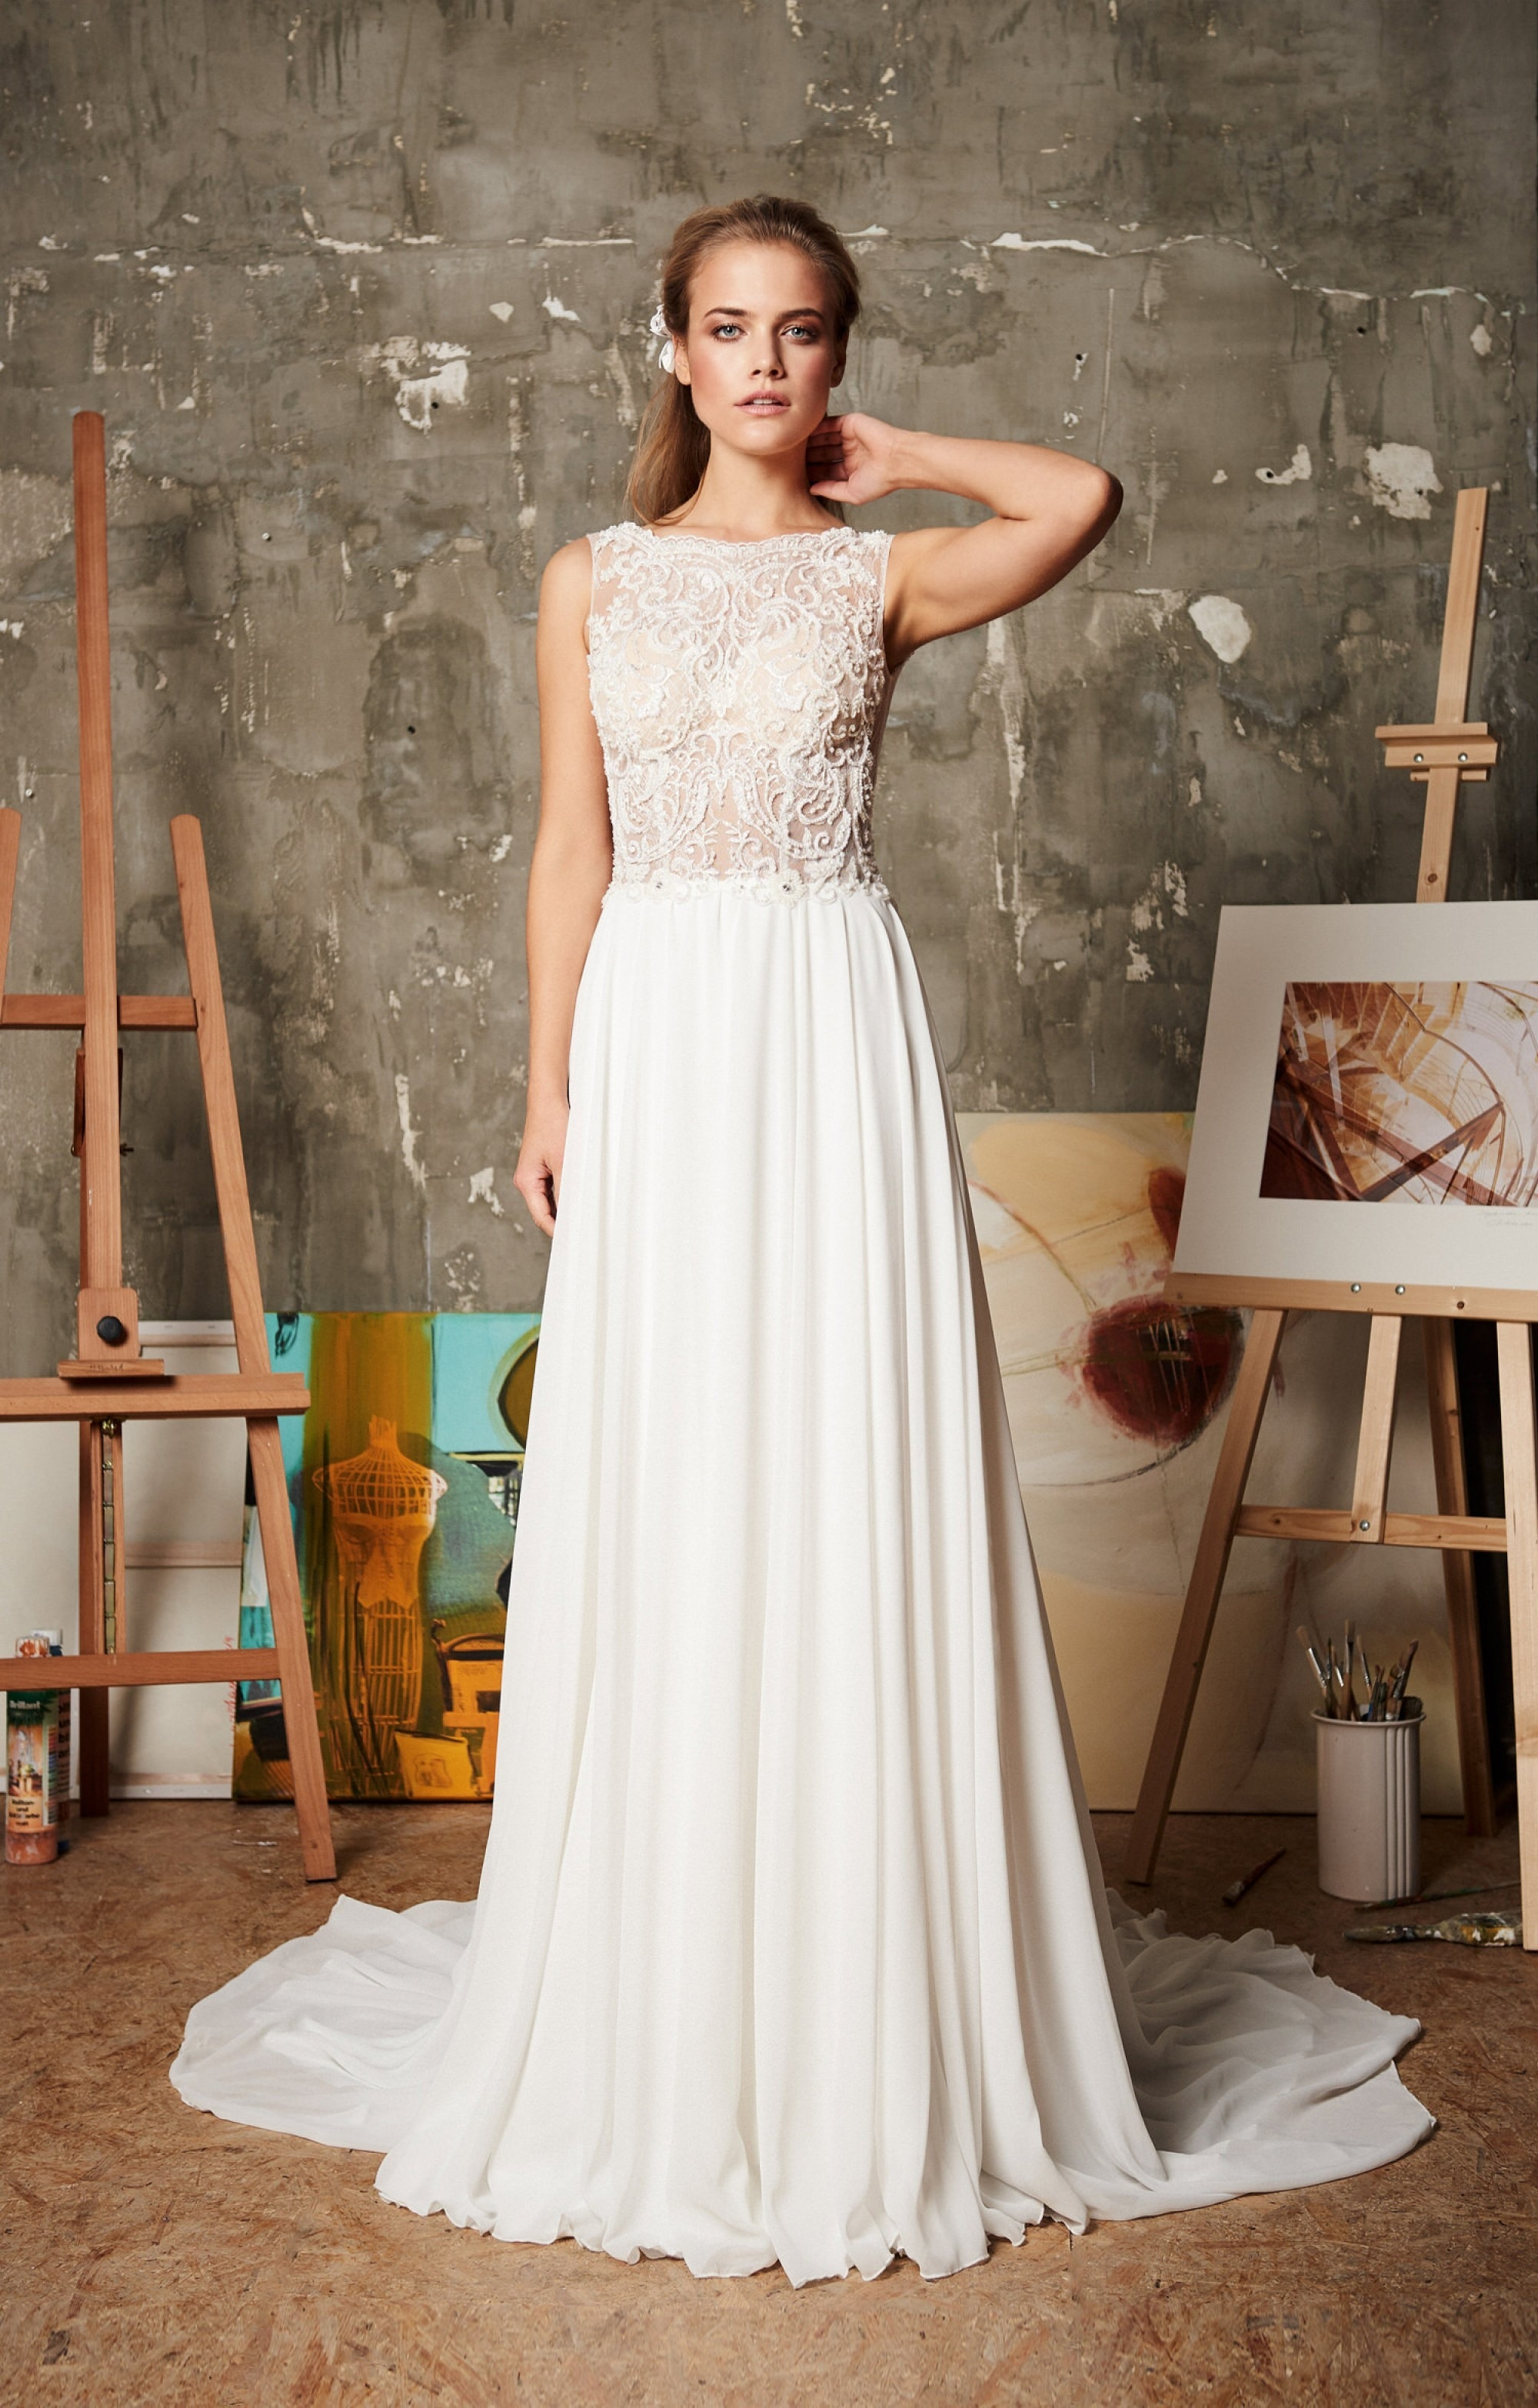 13 Ausgezeichnet Brautkleider Bester PreisFormal Cool Brautkleider Boutique